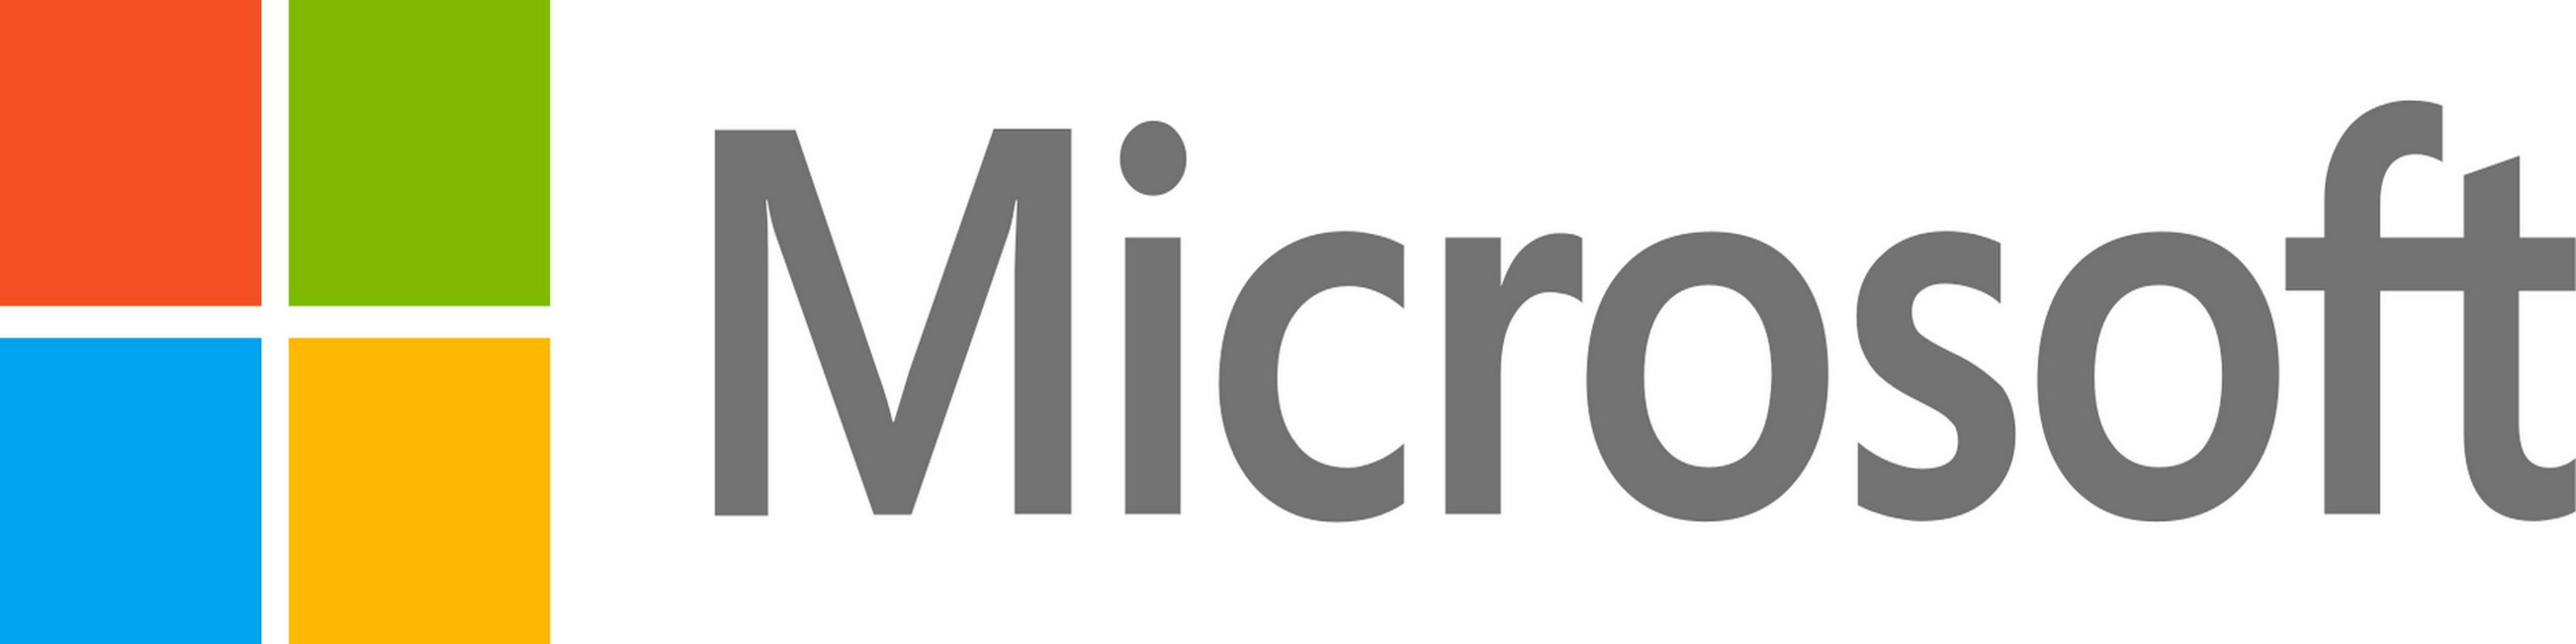 MICROSOFT konfiguracije